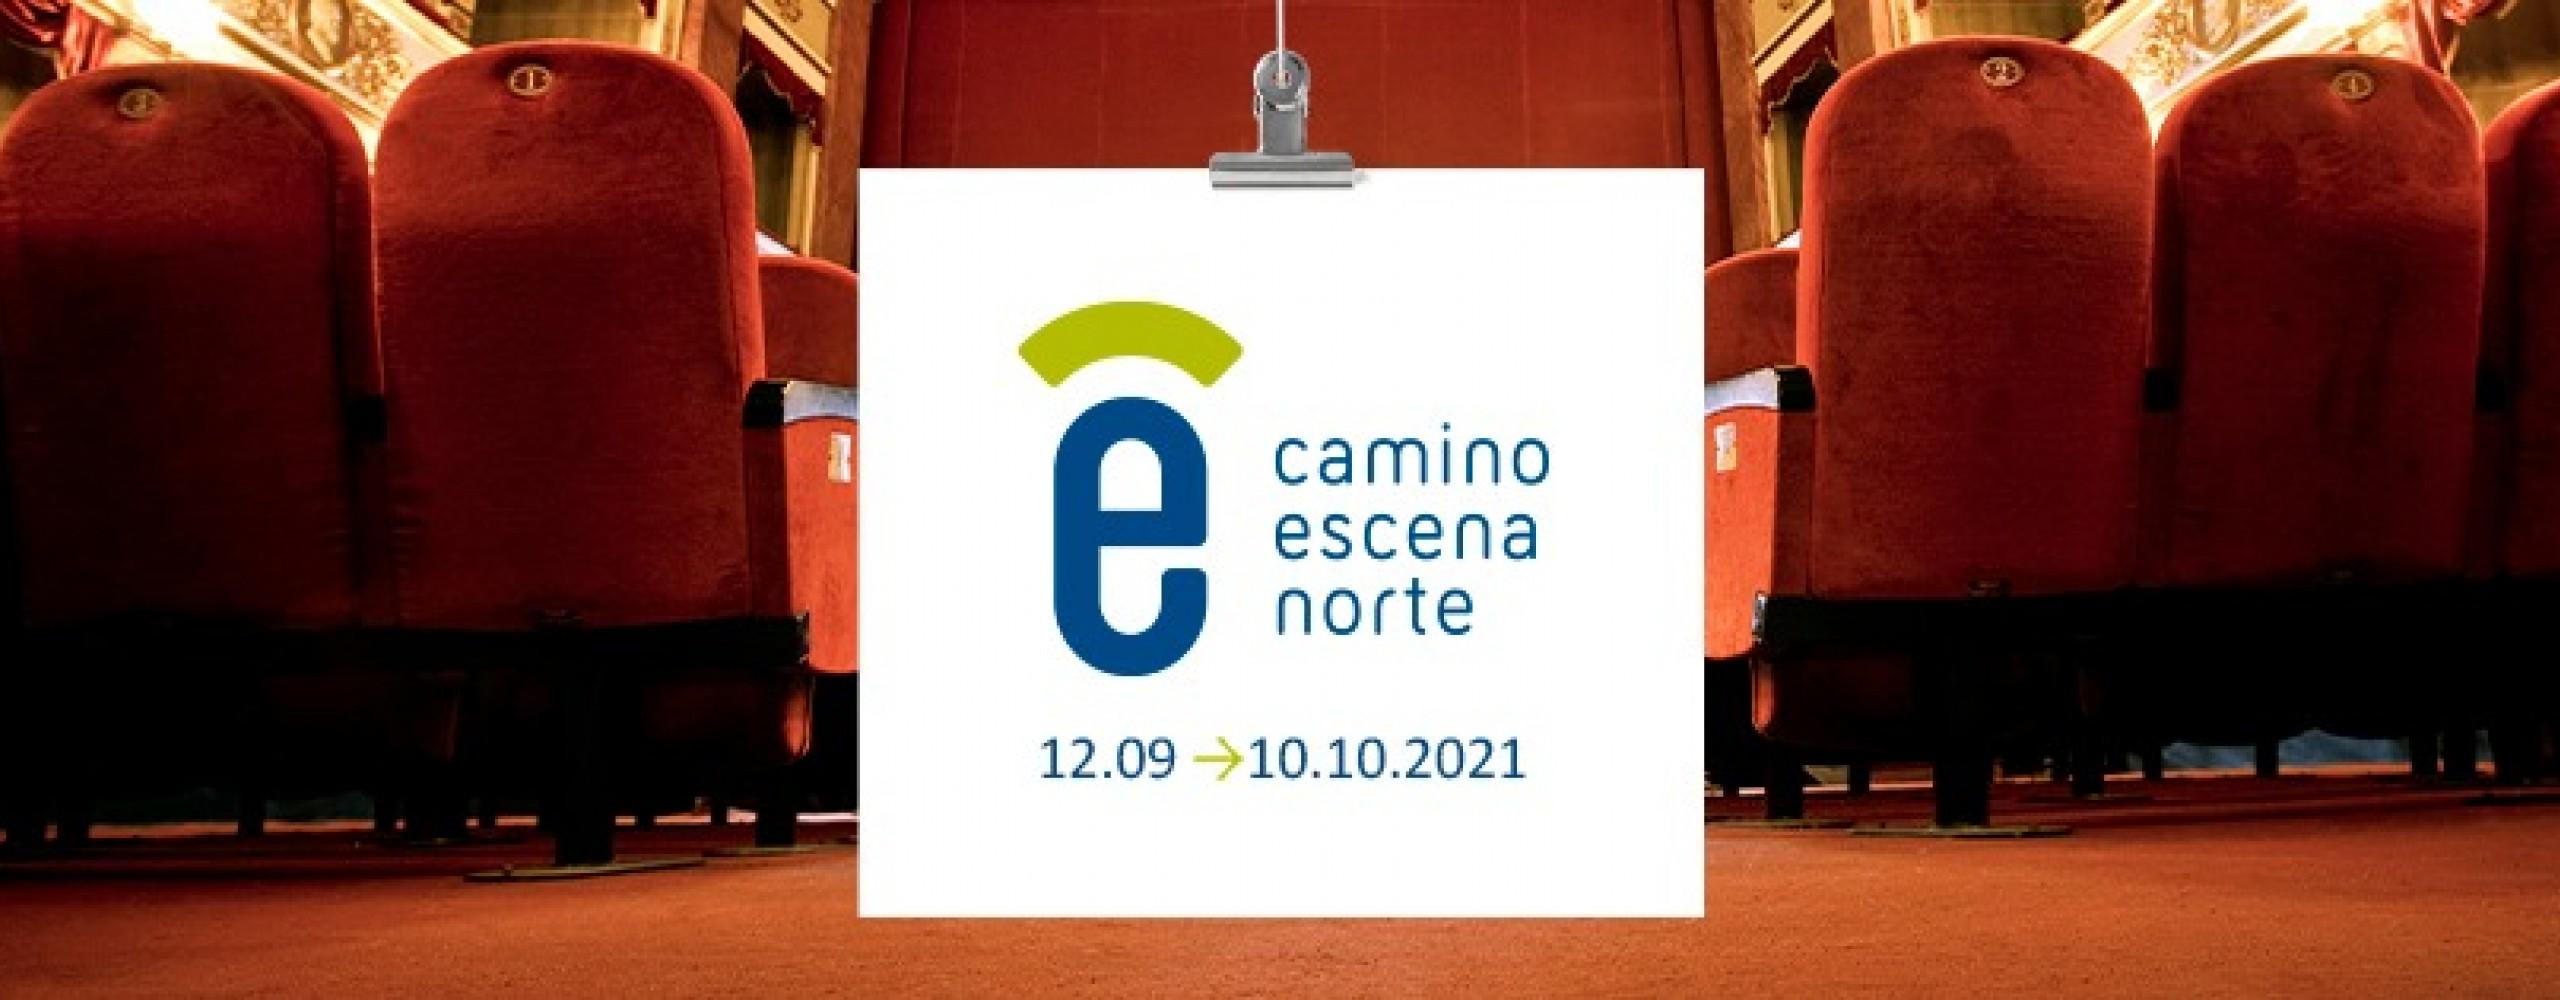 Arranca a programación do 3º Camiño Escena Norte, o itinerario de intercambio cultural de Escena Galega coas súas parceiras en Asturias, Cantabria e Euskadi